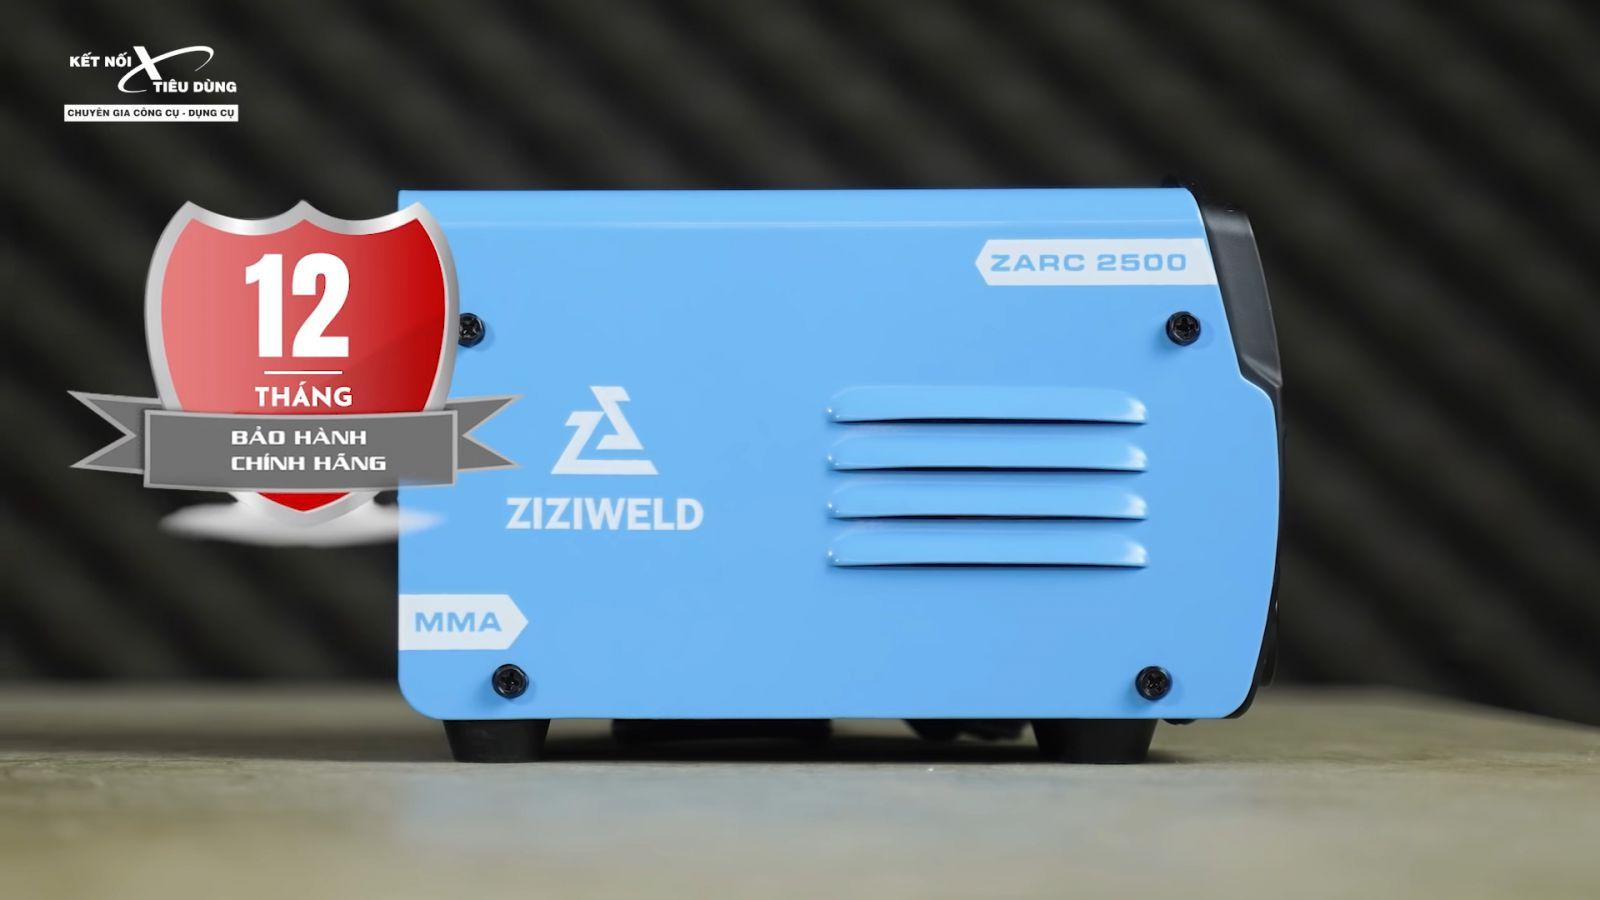 Review máy hàn que mini Ziziwweld ZARC 2500: siêu nhỏ, kéo que 2.5mm ngon lành, giá chỉ 1tr2, Weldcom phân phối - thông tin chi tiết máy hàn